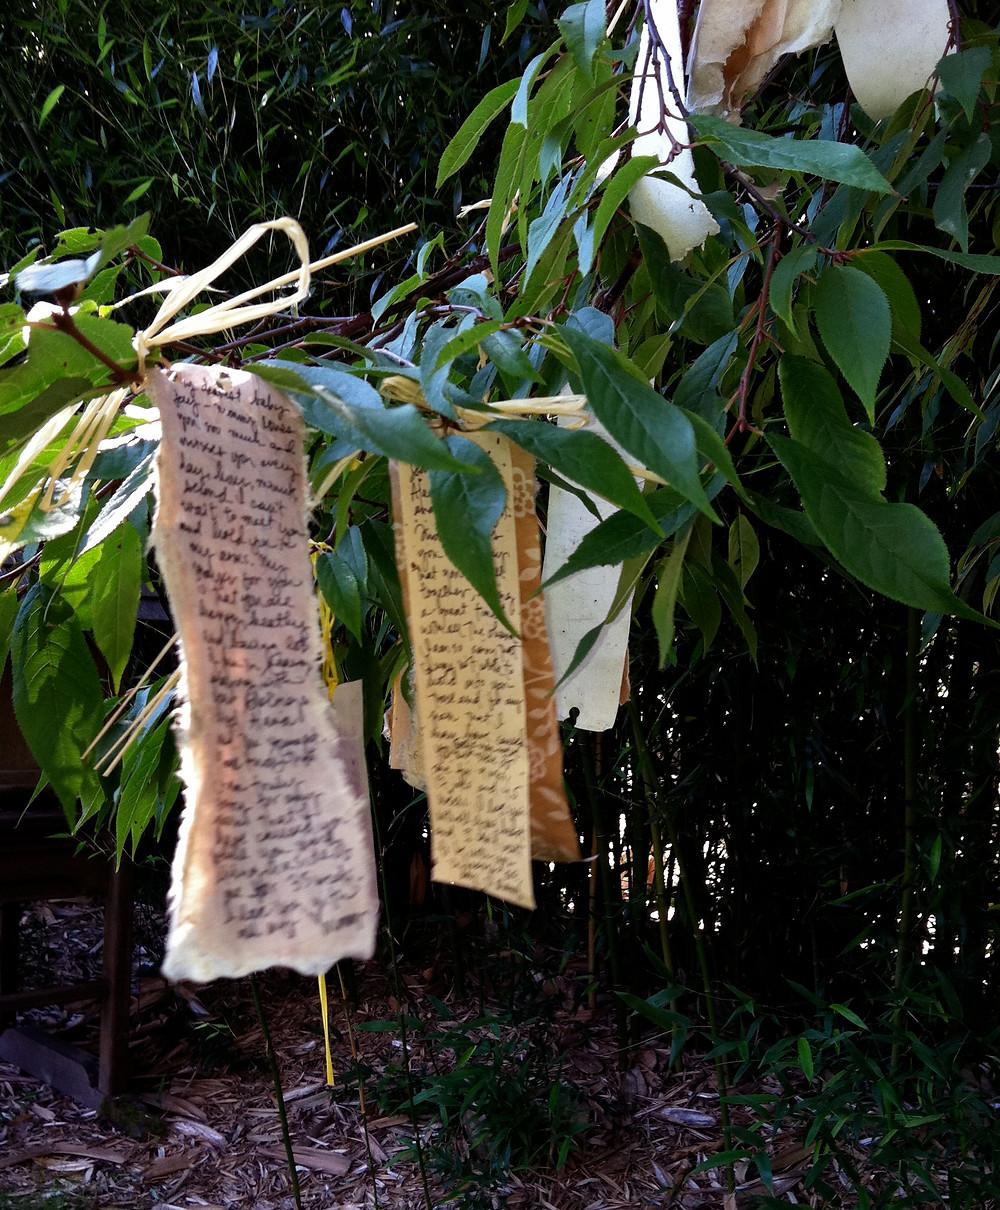 Prayers tied to a tree